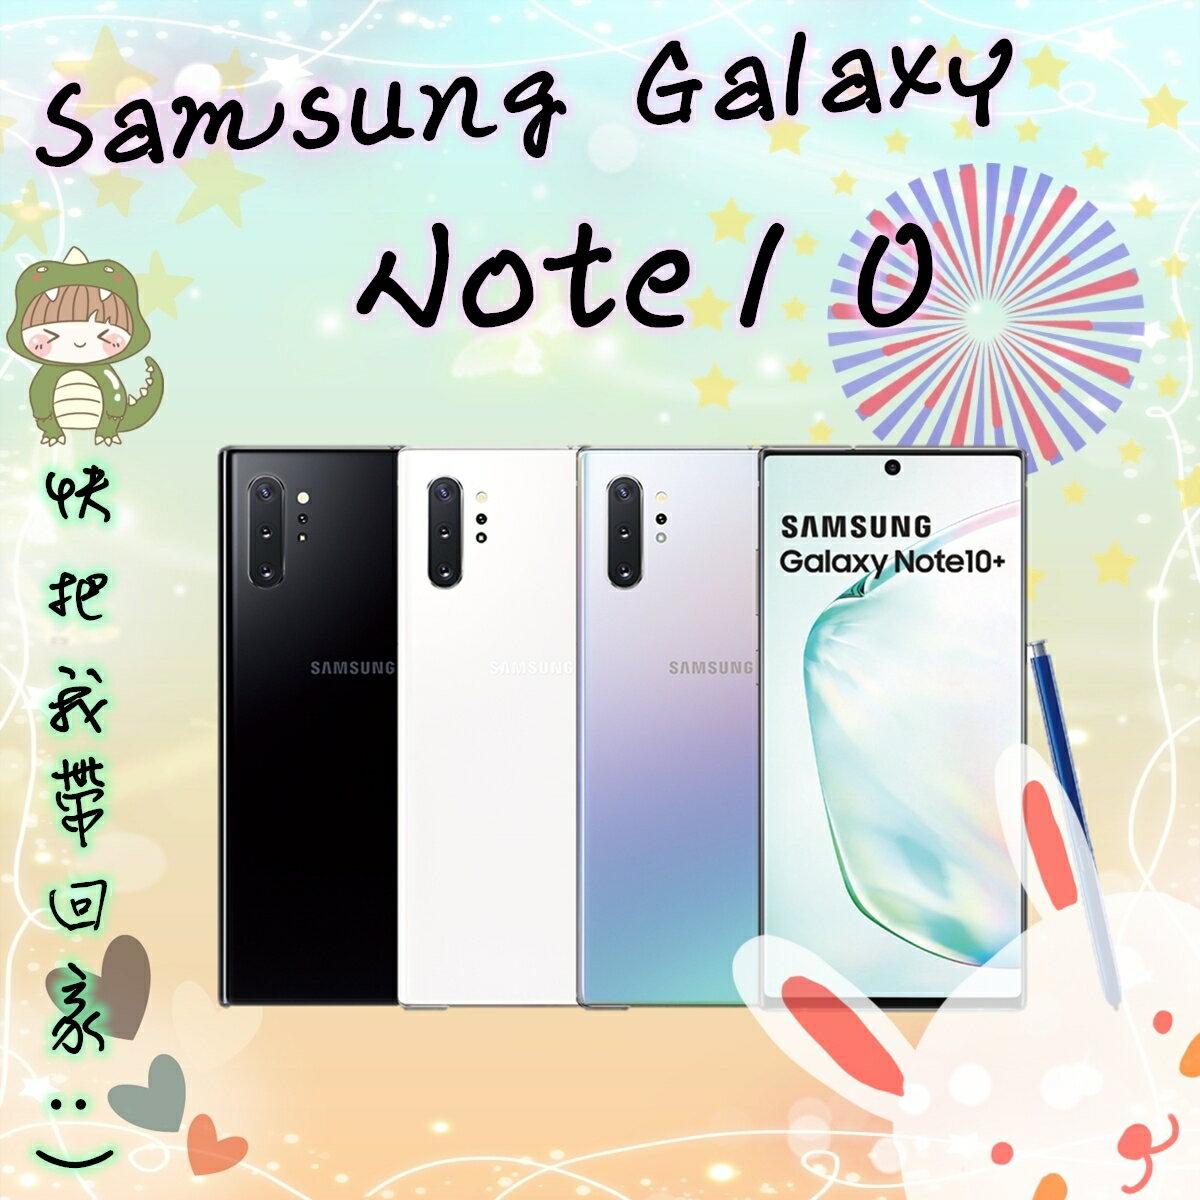 *現貨* Note 10 8G / 256G 6.3吋 Samsung 三星 隔天到貨 全新未拆公司貨 原廠保固一年 - 限時優惠好康折扣